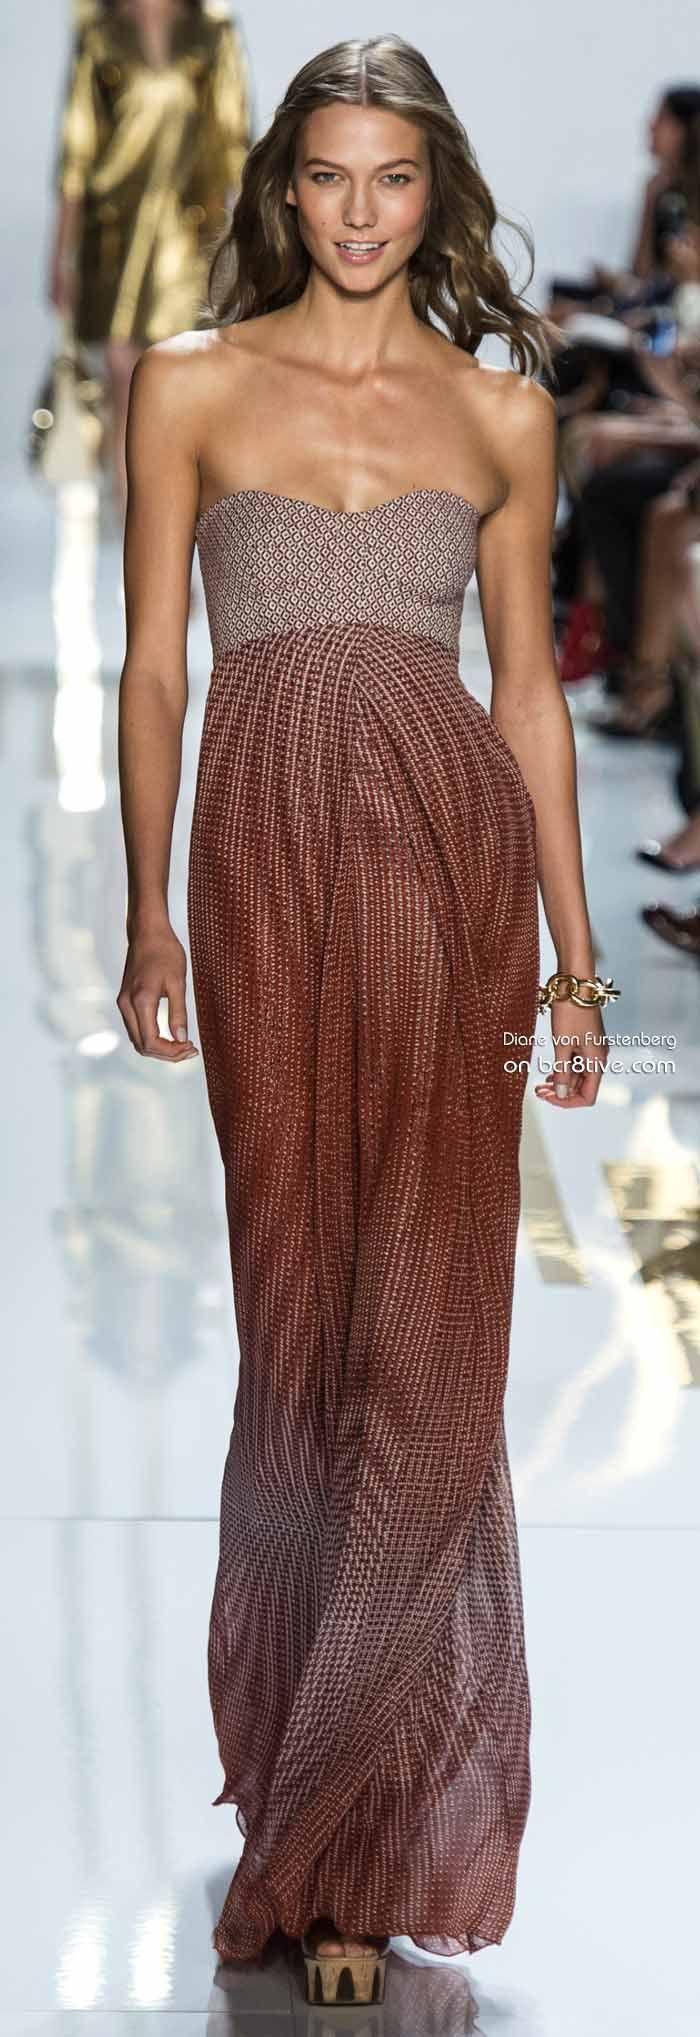 Karlie Kloss Diane von Furstenberg Spring 2014 #NYFW